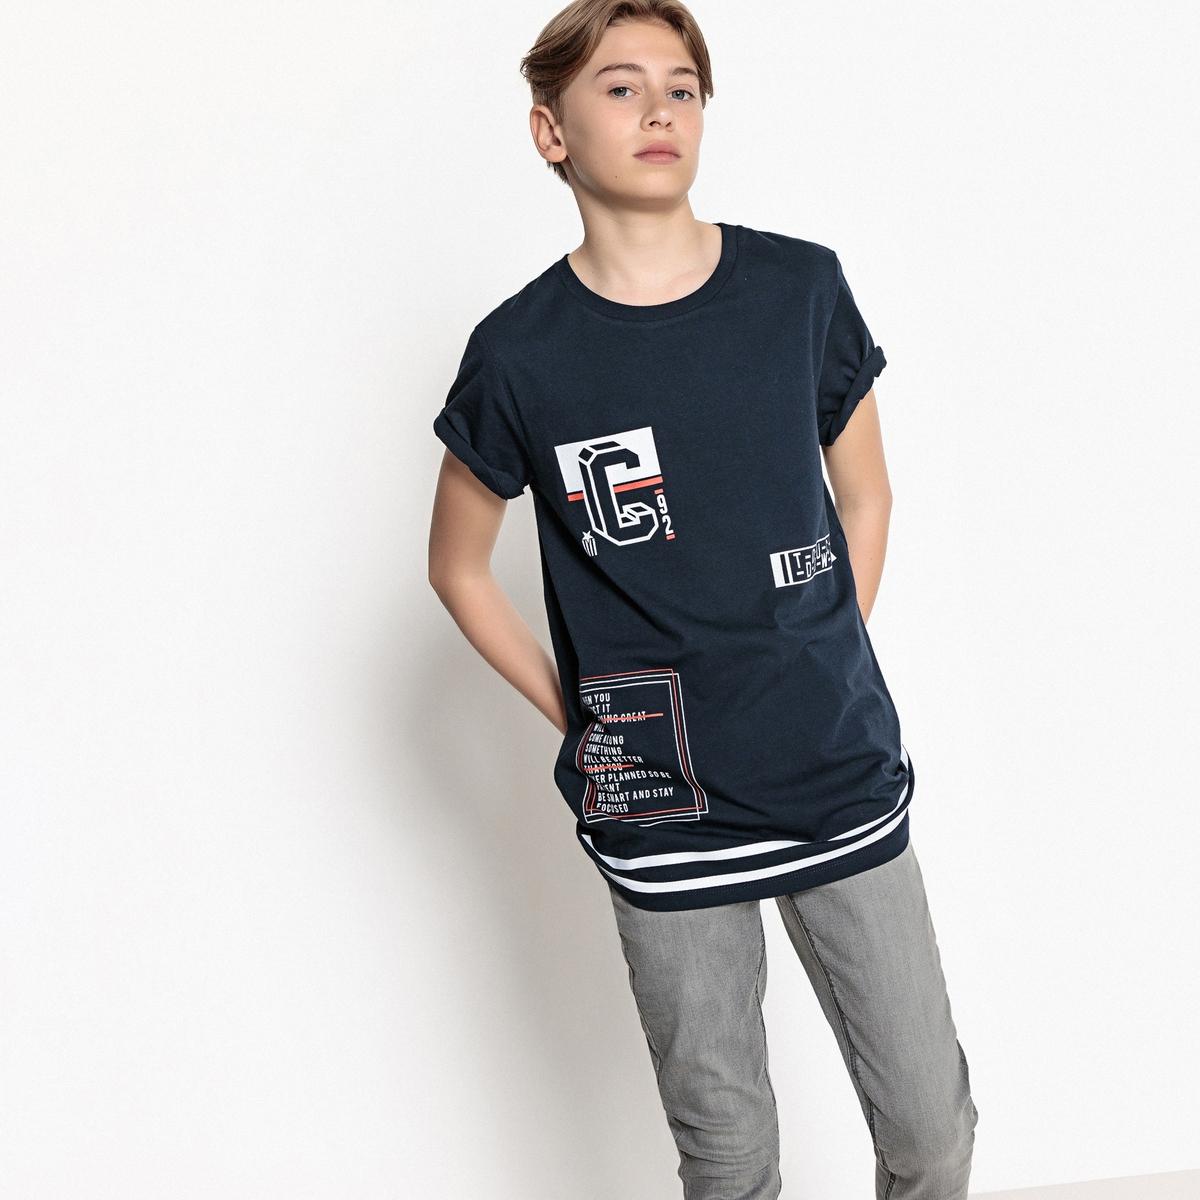 Футболка длинная с принтом 10-16 лет футболка с принтом кактус 10 16 лет